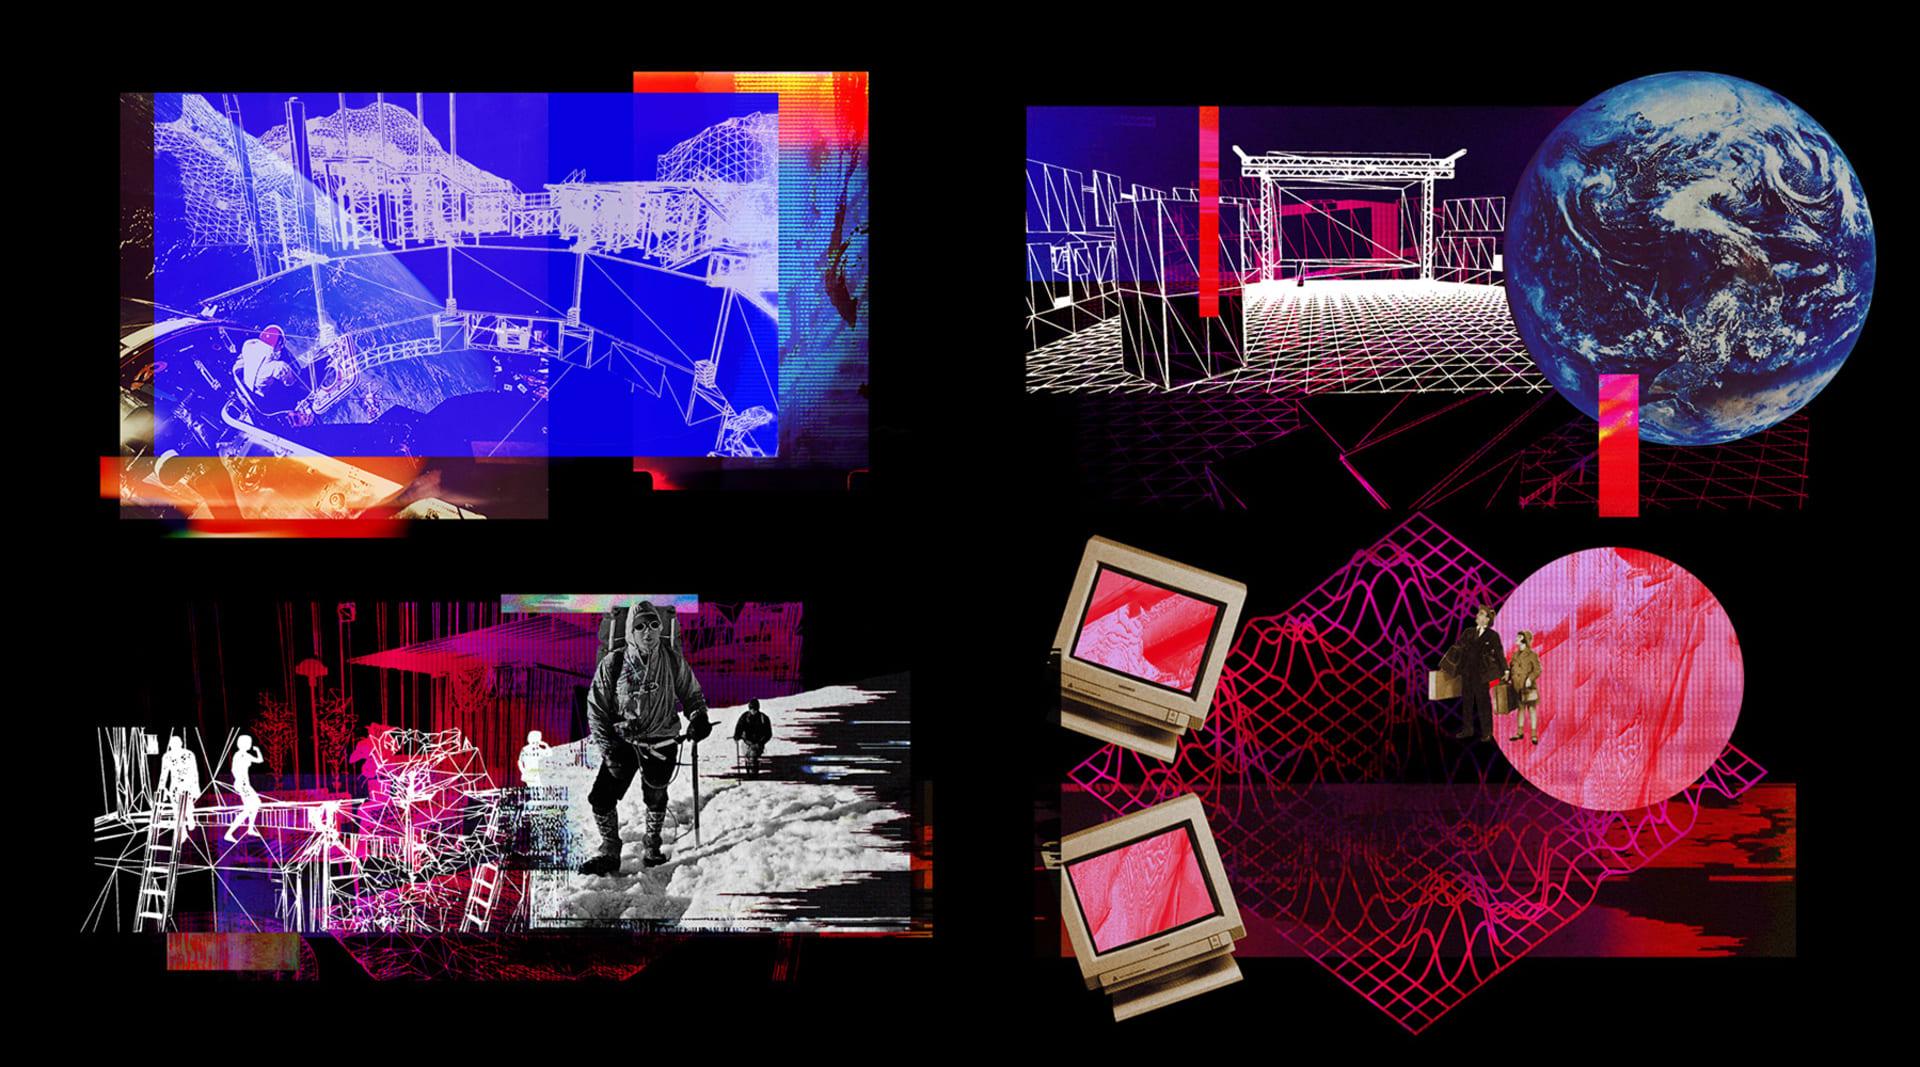 HERO Lost Horizon Stages 1920x1080